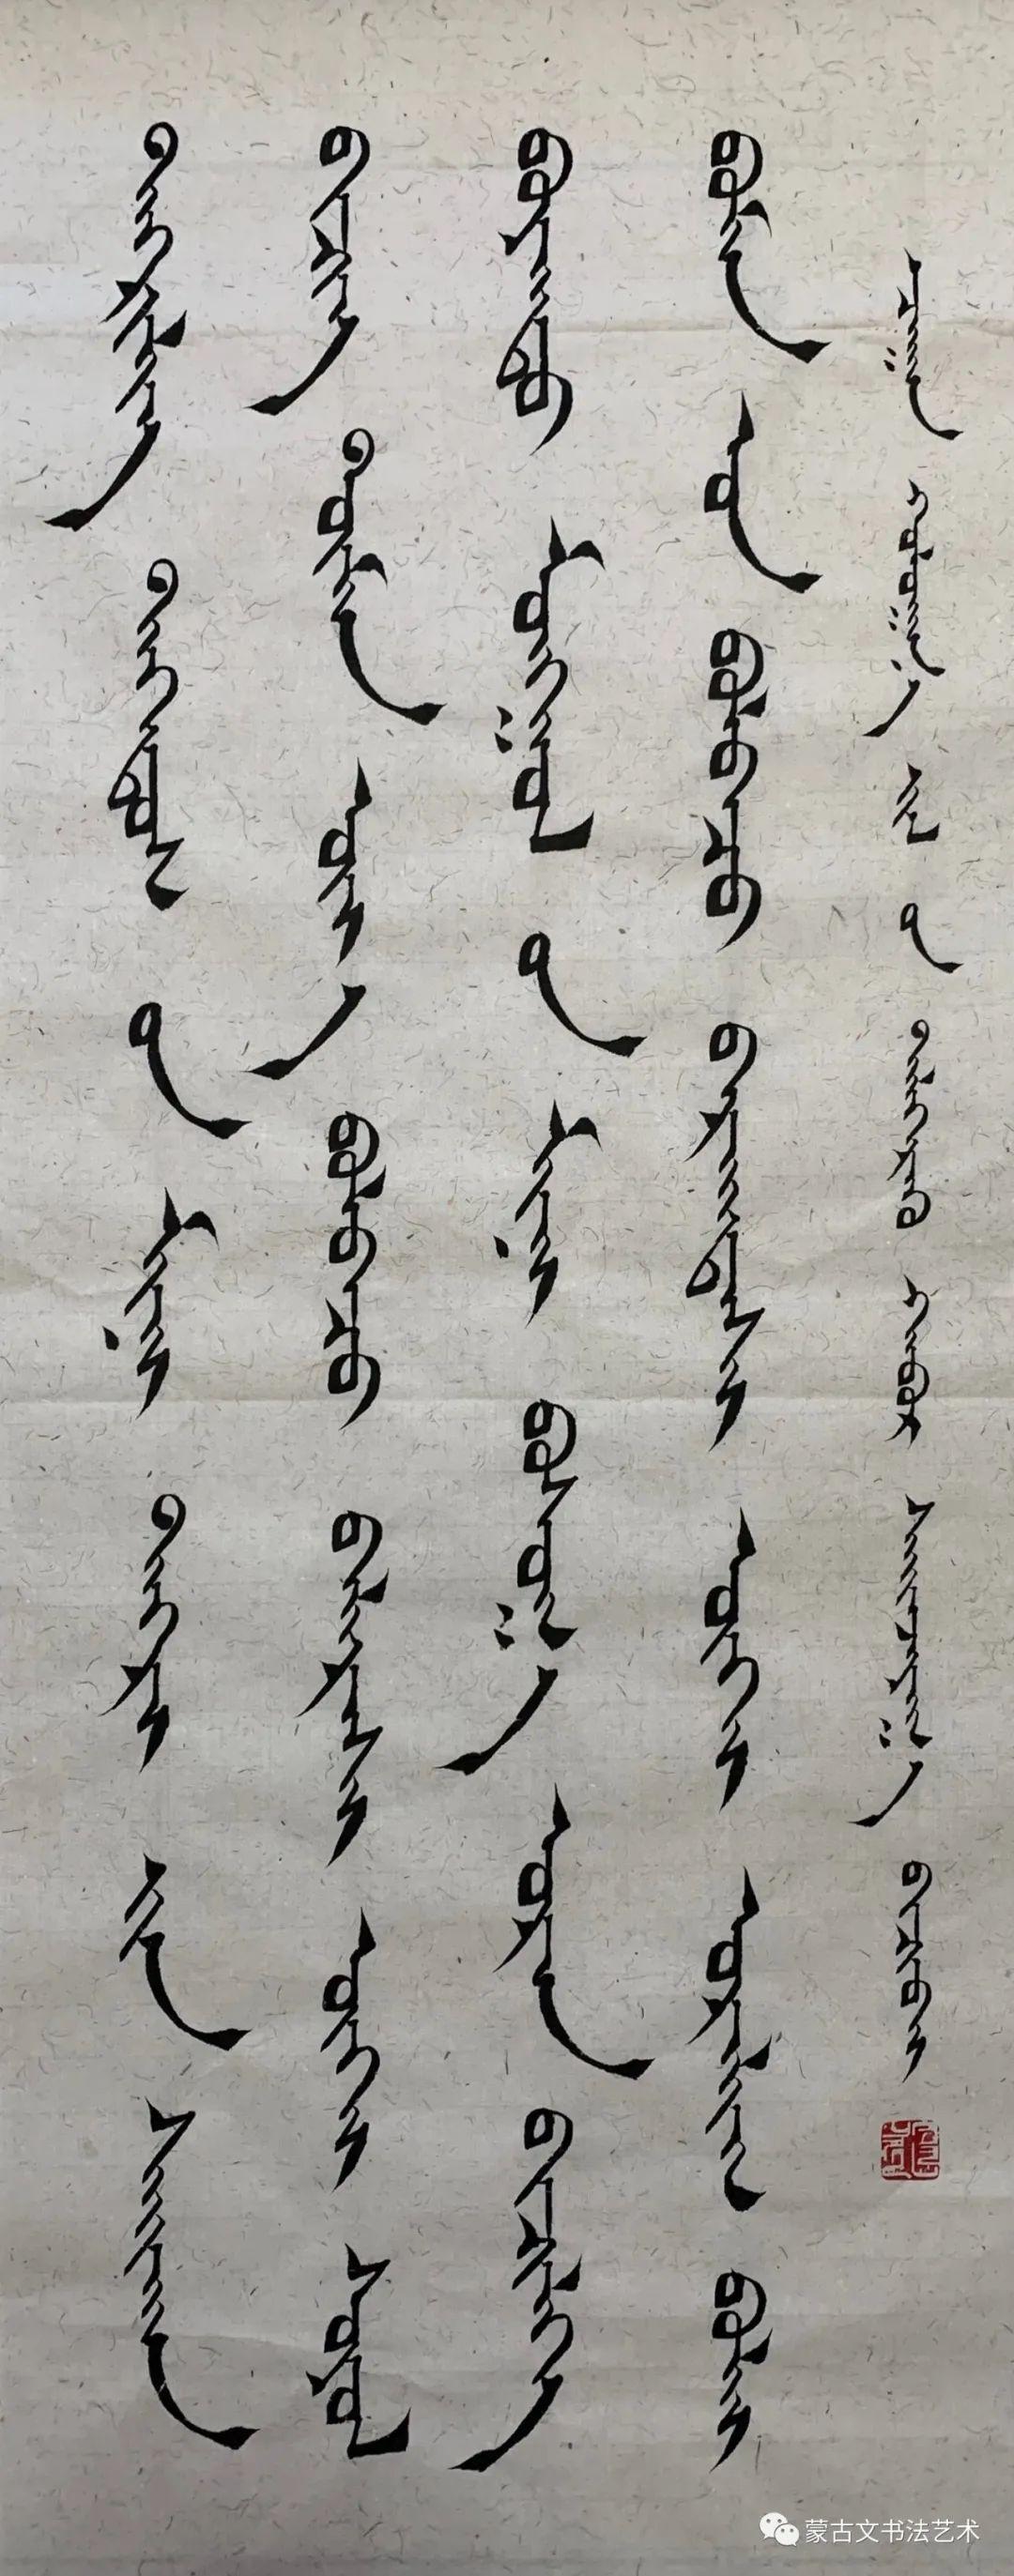 赛音吉雅楷书作品欣赏 第7张 赛音吉雅楷书作品欣赏 蒙古书法